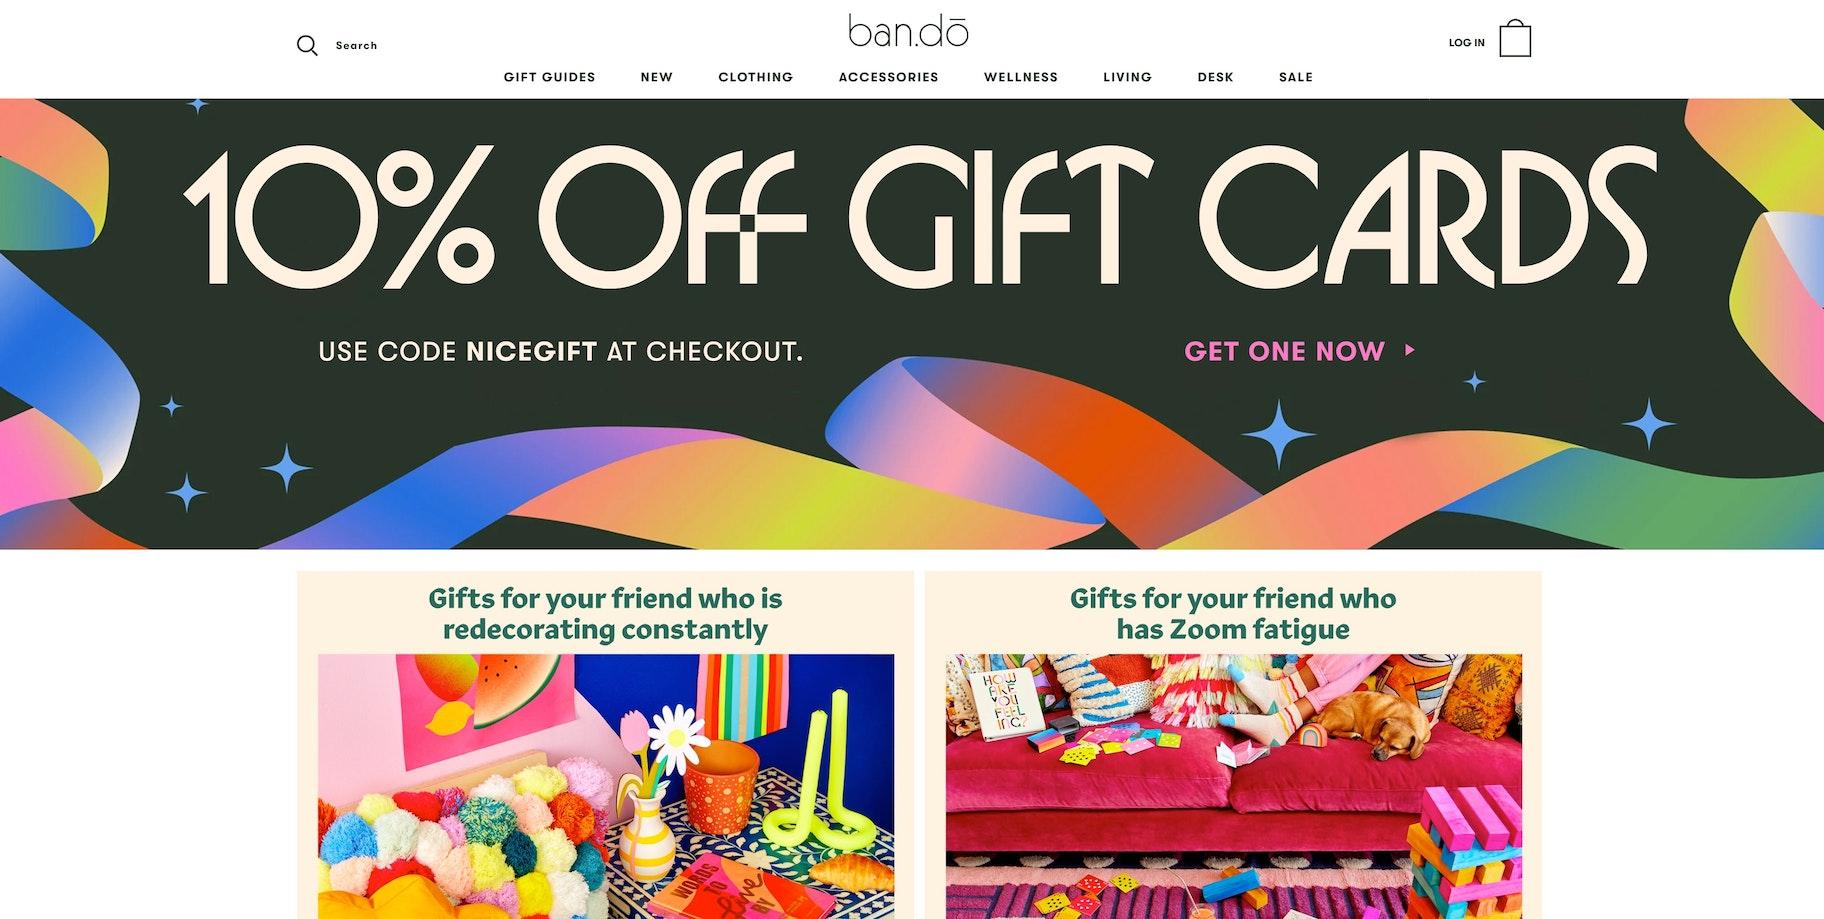 ban.do Shopify store